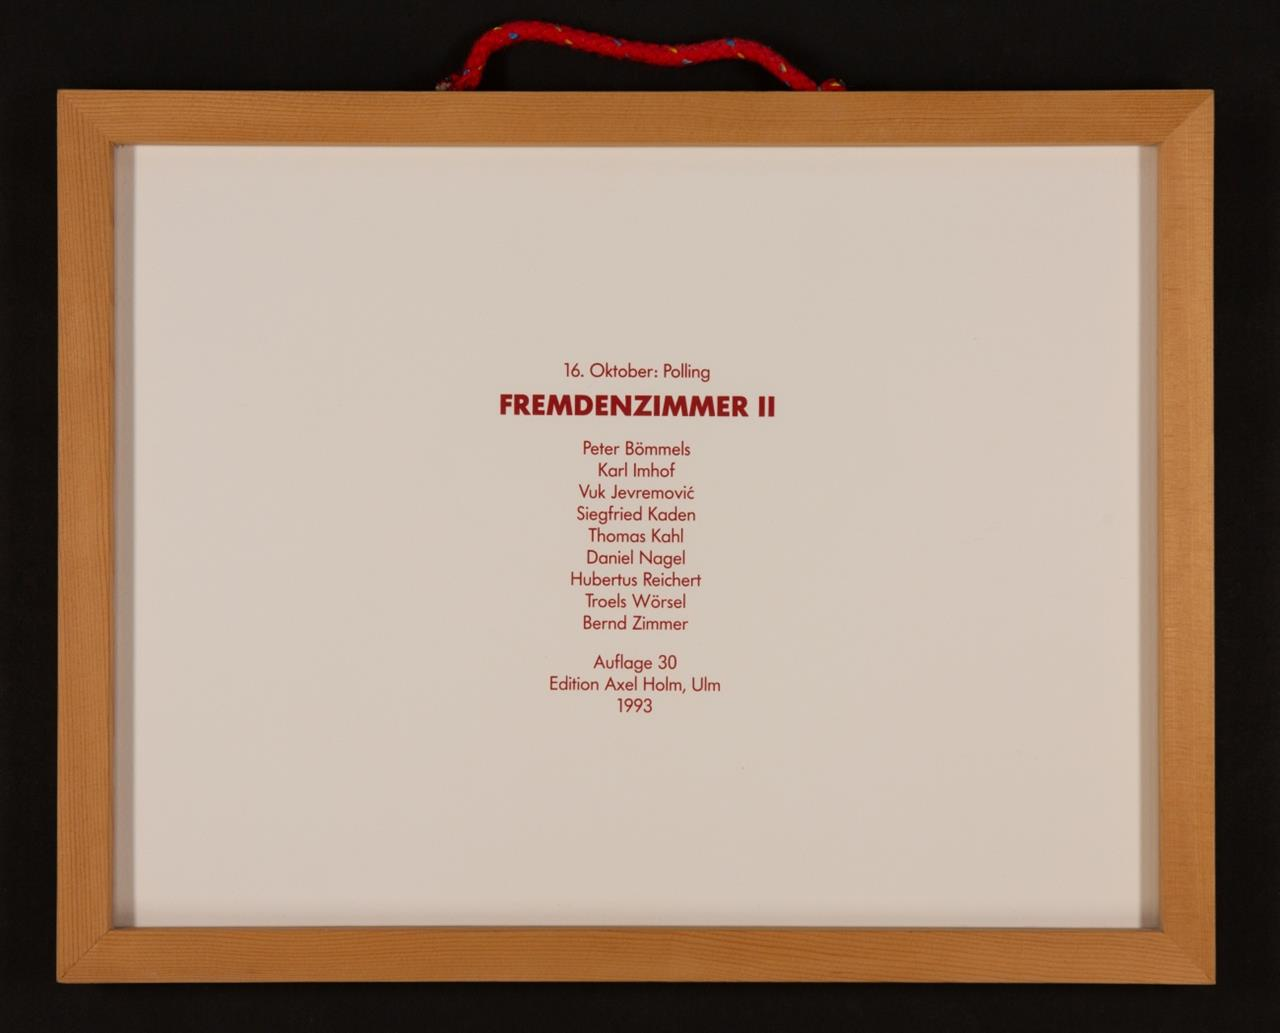 Fremdenzimmer II. 1993. Mappenwerk. 9 Blatt in unterschiedlichen Techniken von verschiedenen Künstlern, mit Titelblatt, lose in Holzrahmen. Ex. 8/30. Signiert bzw. monogrammiert.